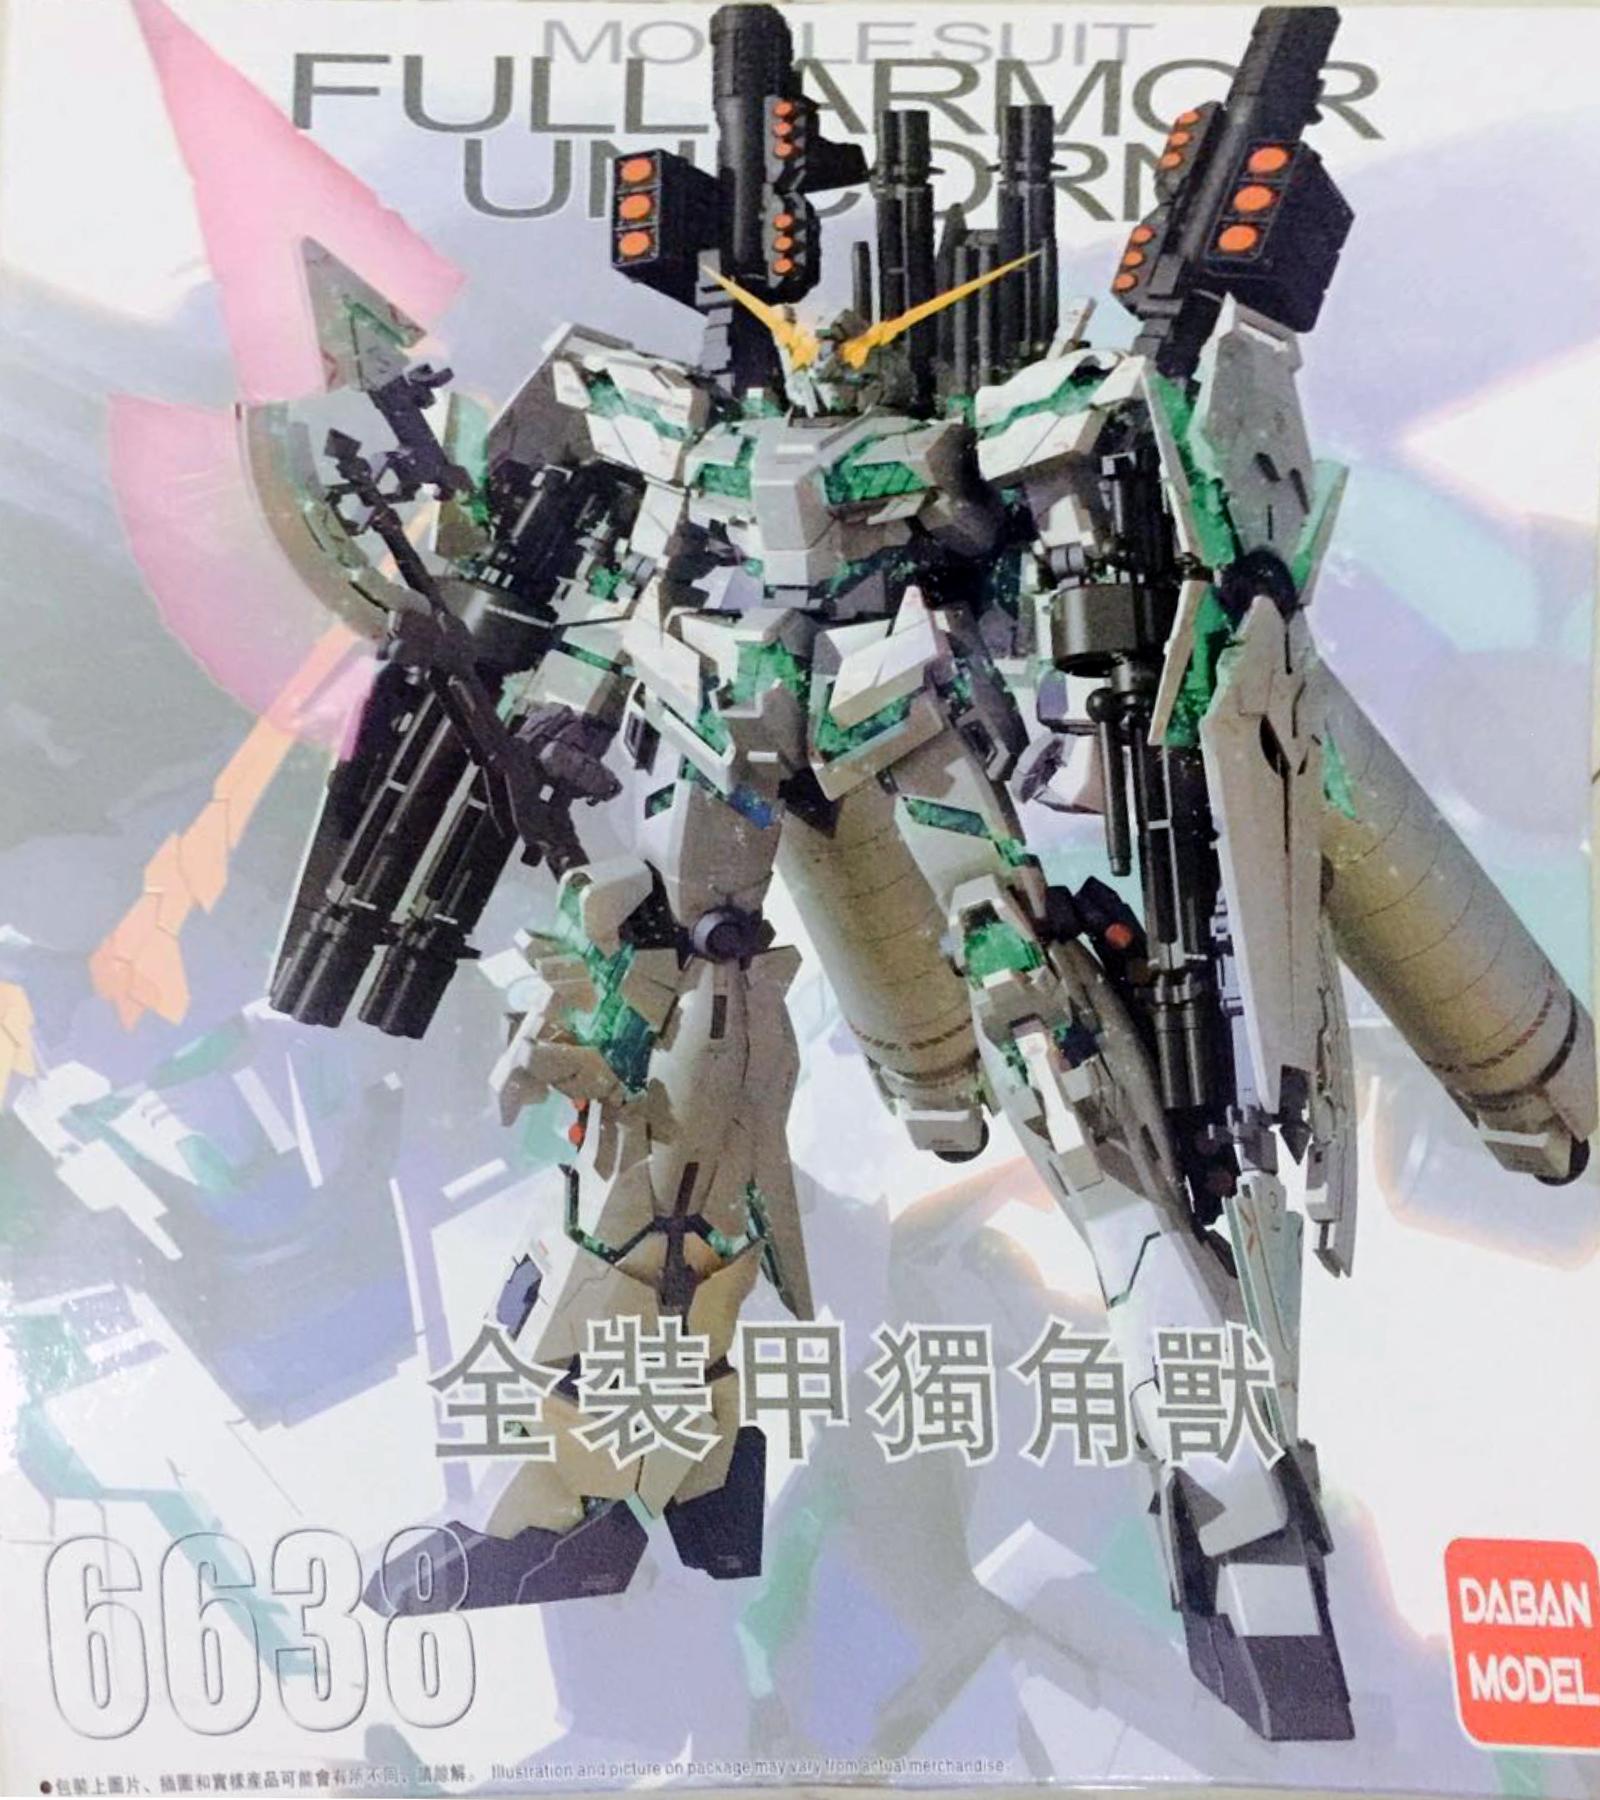 MG 1/100 RX-0 Full Armor Unicorn Gundam Ver.Ka [Daban]